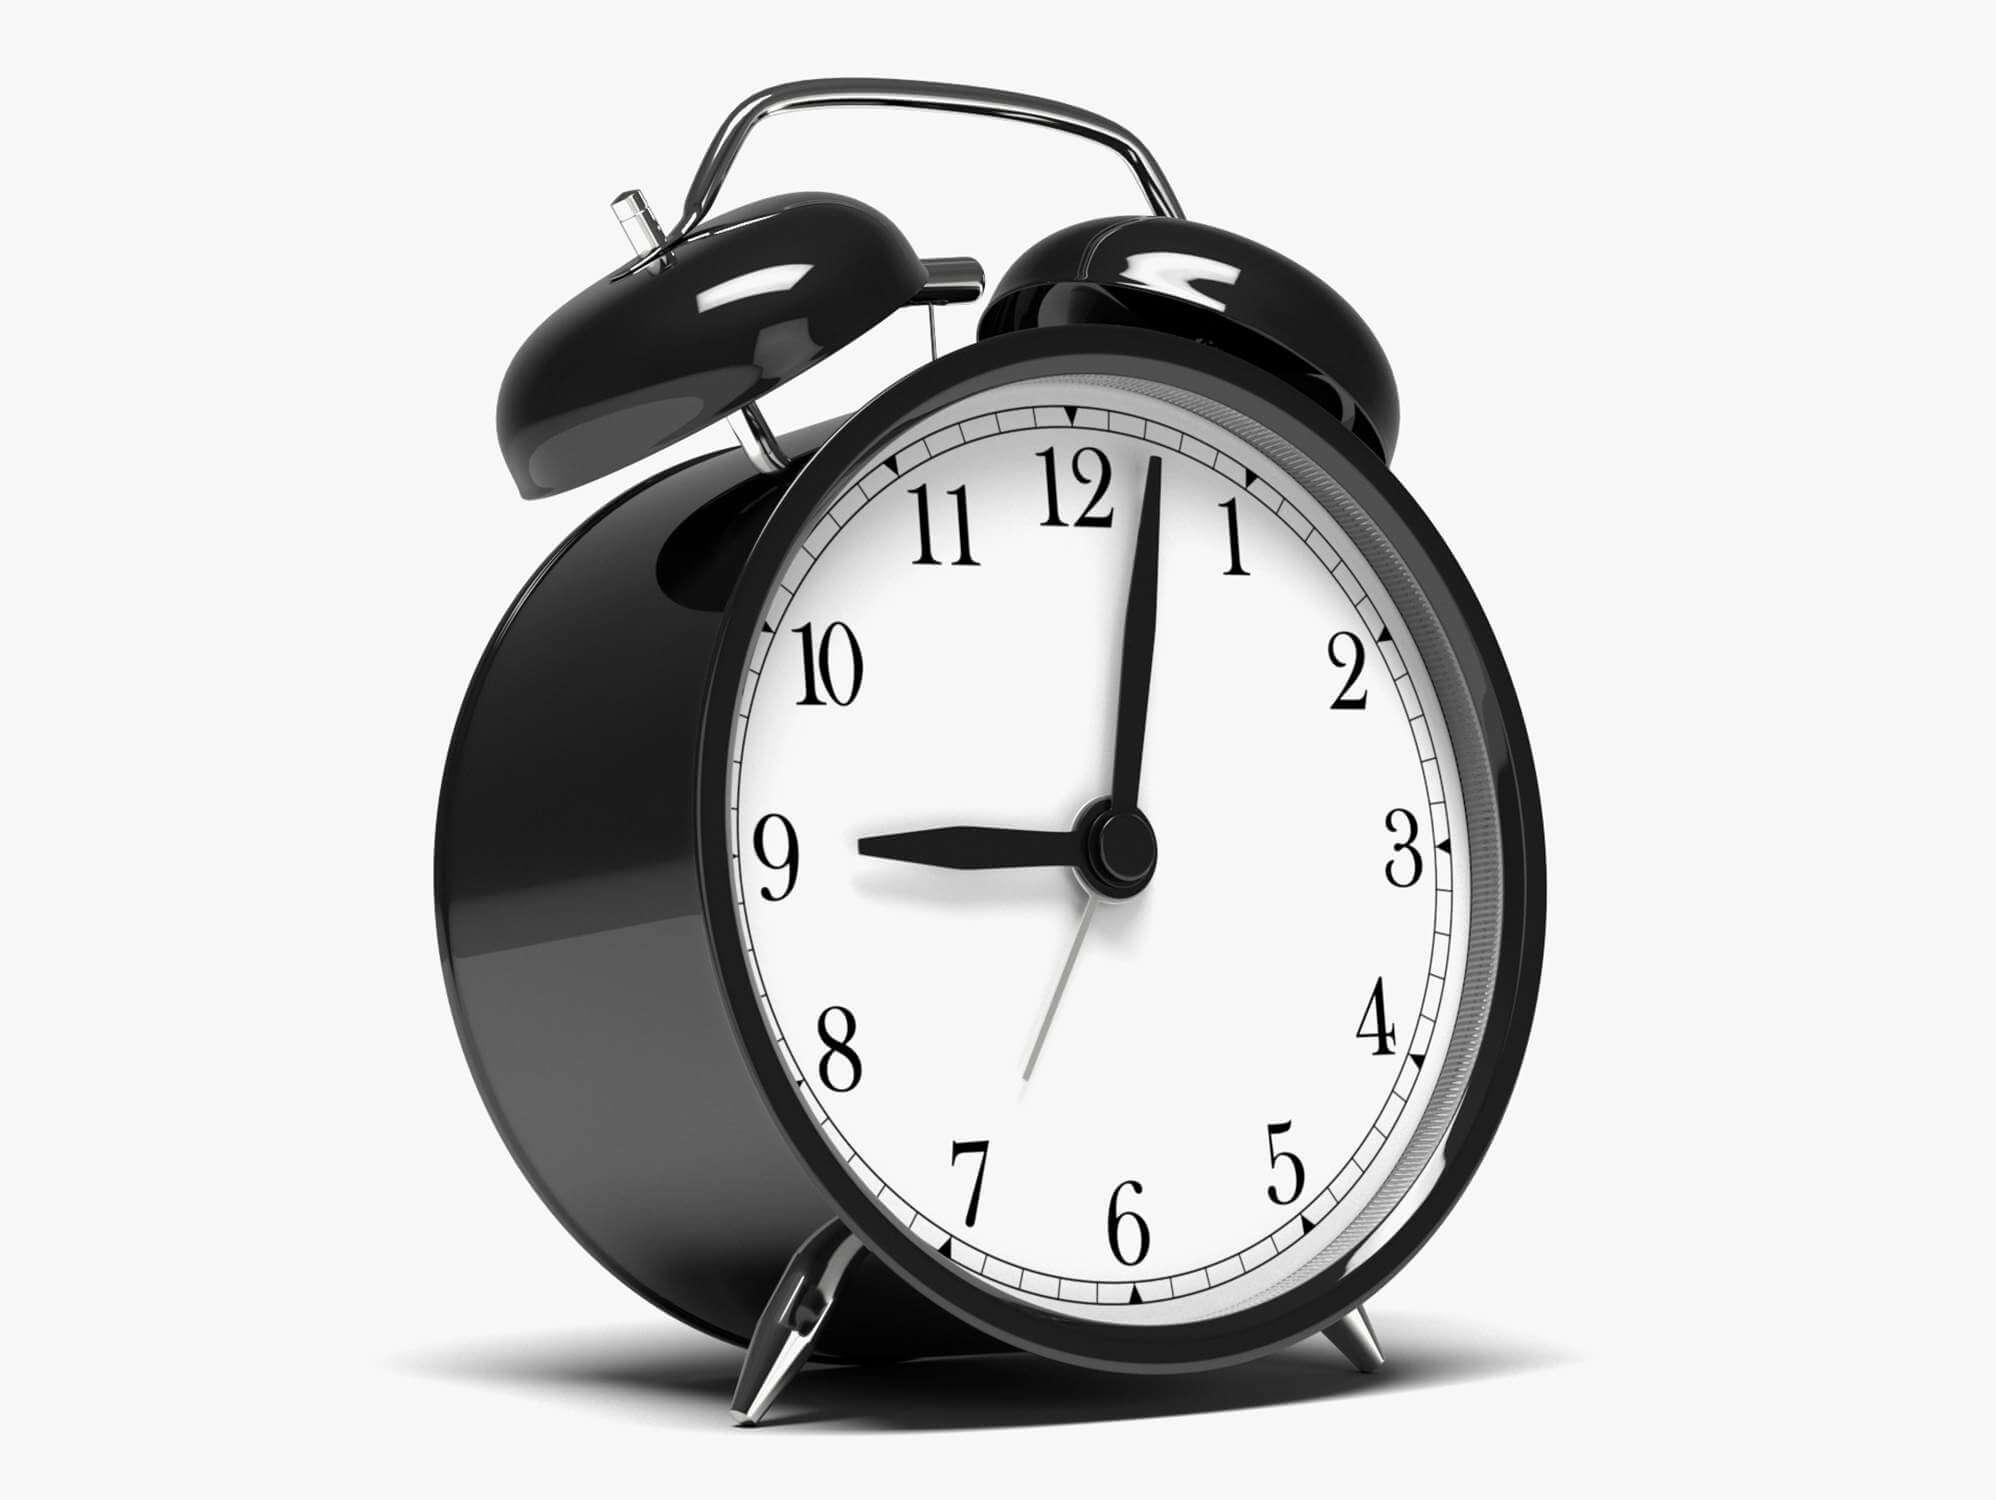 IKEA Alarm Clock 3D Model